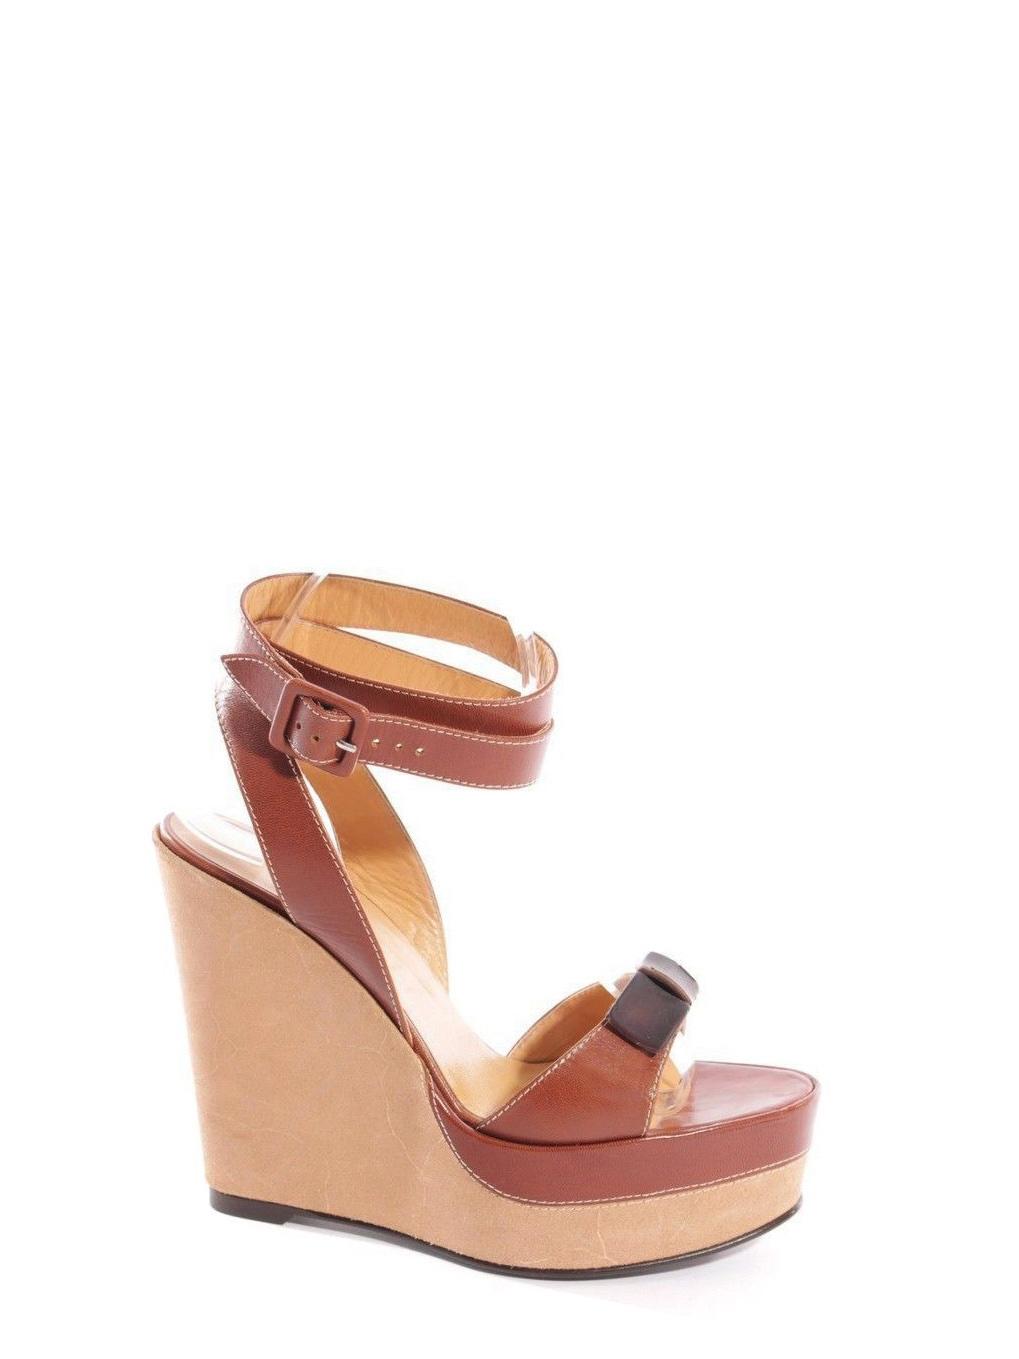 502c5a4632a2 ... Sandales à talon compensé, plate-forme et bride cheville en cuir beige  et caramel ...